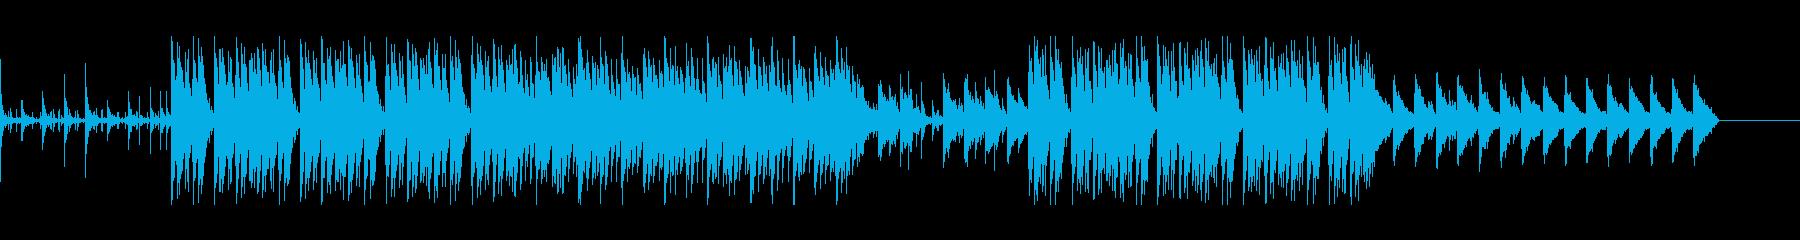 アングラなHIPHOP系BGMの再生済みの波形